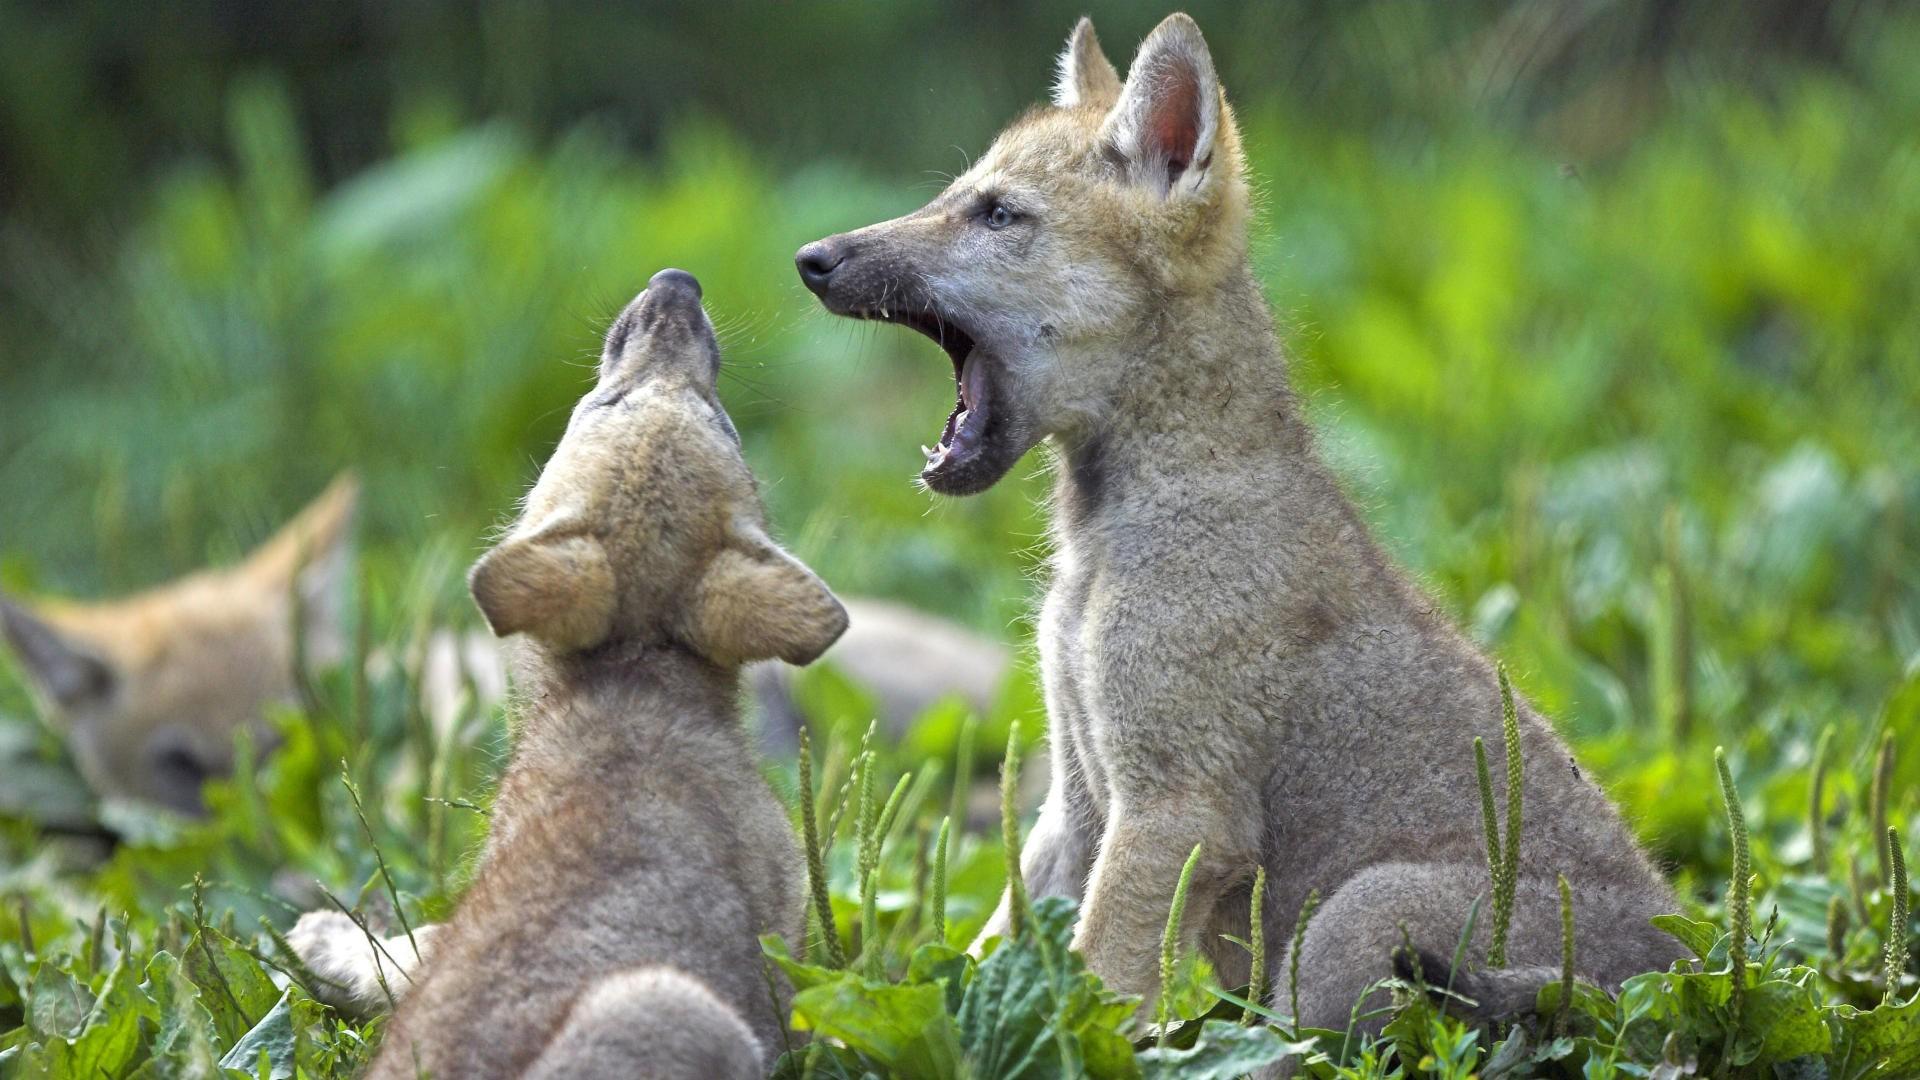 wolf pubbies